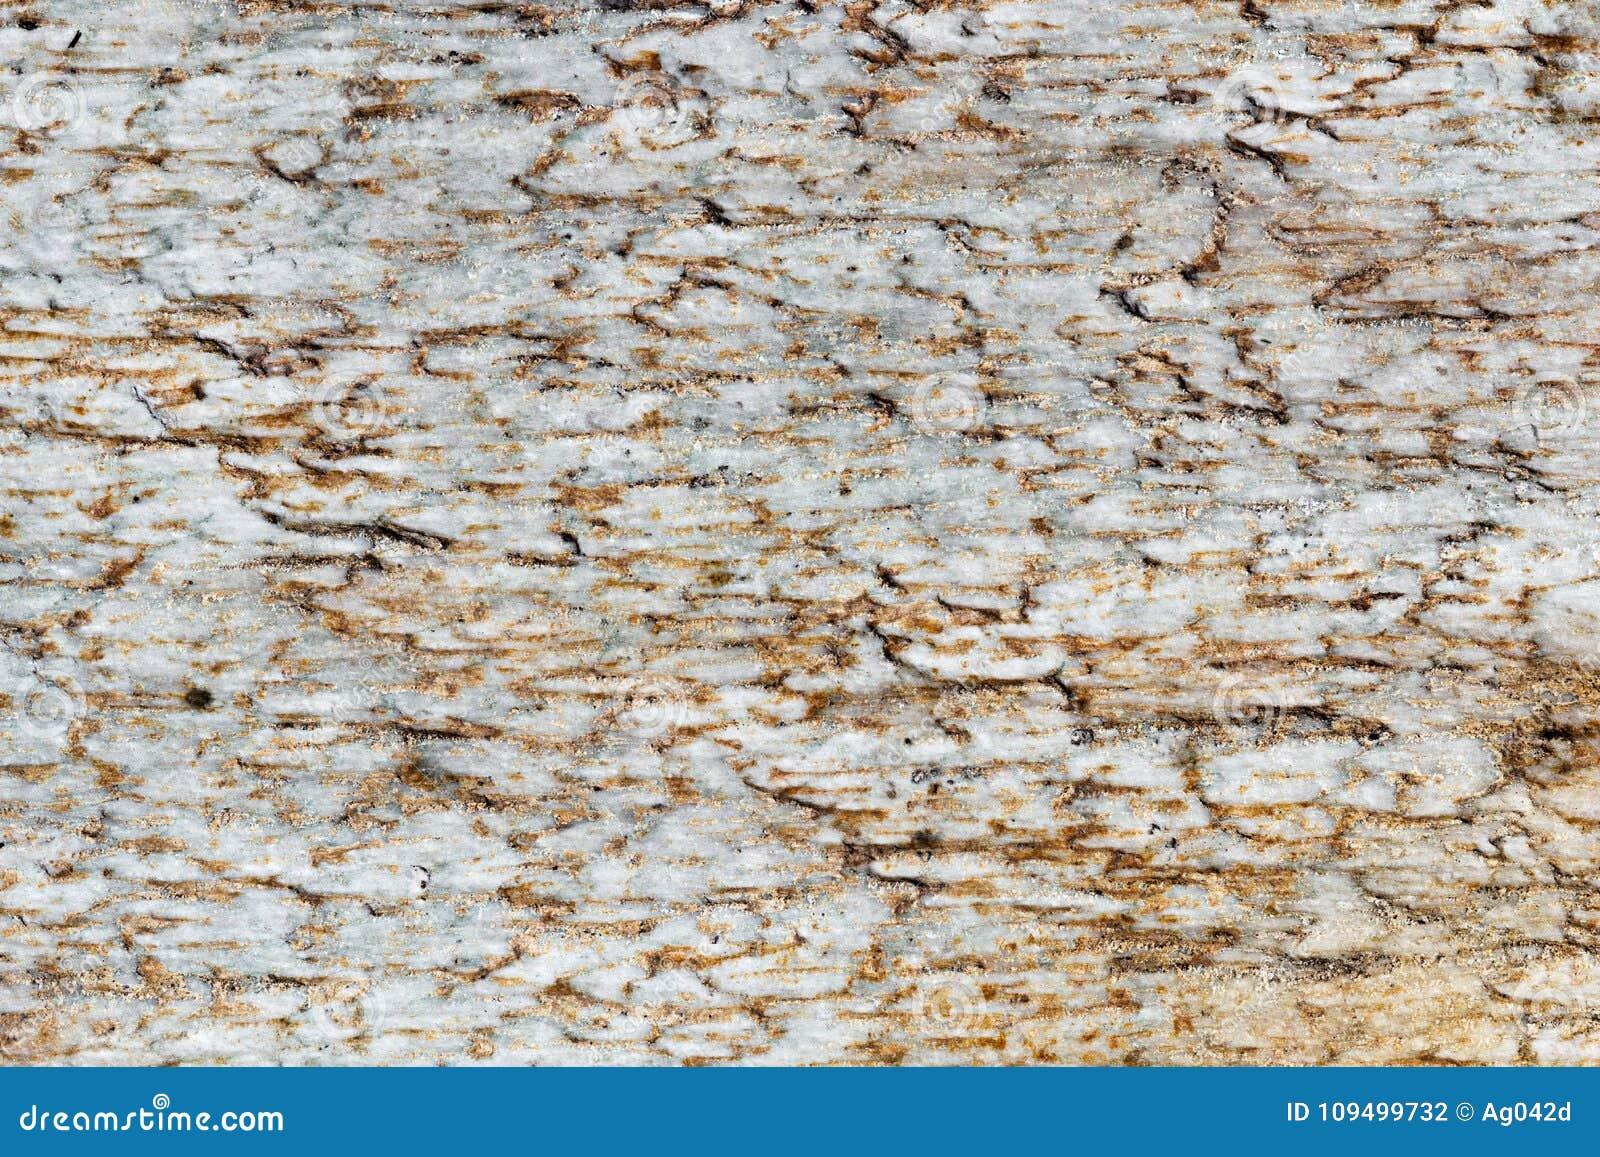 Exture bielu marmuru cegiełki z brown punktami, szczegółowa struktura kamień w naturalny wzorzystym dla tła i projekt,